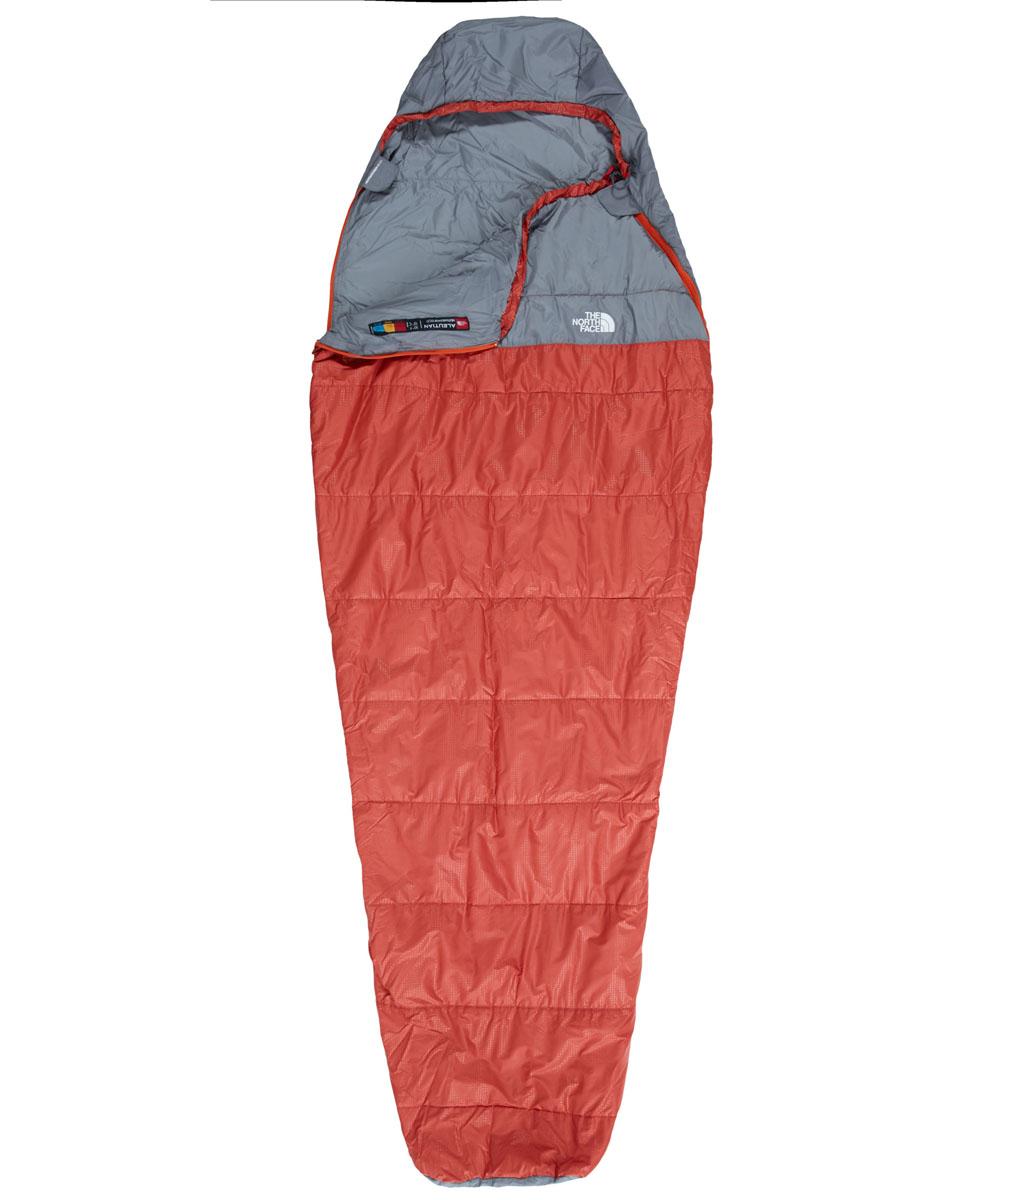 Спальный мешок The North Face Aleutian 50/10, цвет: красный. T0A3A8M1RRH LNGT0A3A8M1RRH LNGCпальный мешок для прохладной погоды, который можно целиком расстегнуть и расстелить в качестве пола в палатке. Вместительный, универсальный, теплый, комфортный и при этом практичном.